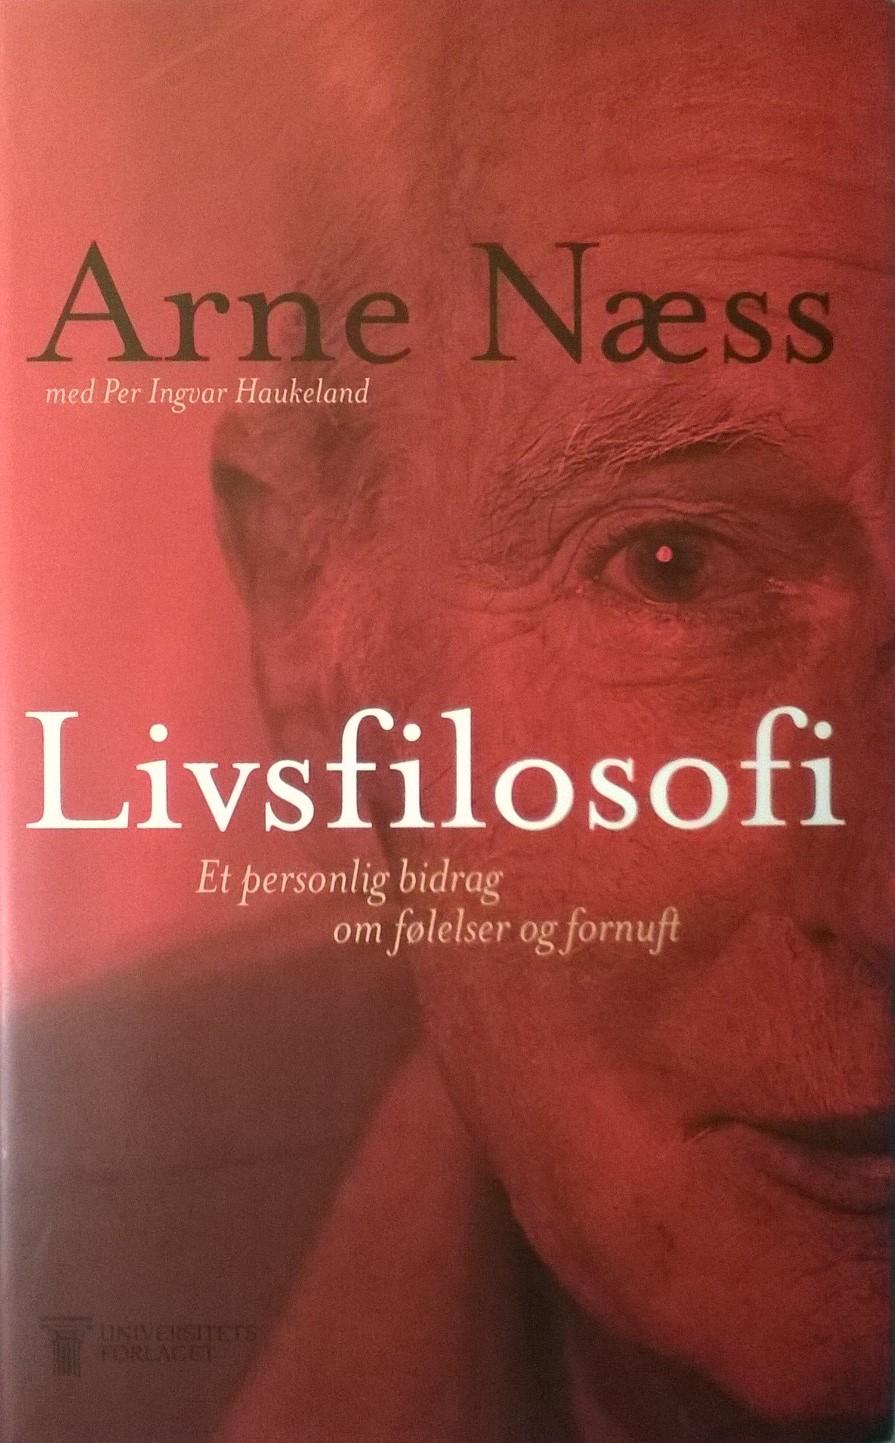 Næss, Arne, med Per Ingvar Haukeland Livsfilosofi: Et personlig bidrag om følelser og fornuft